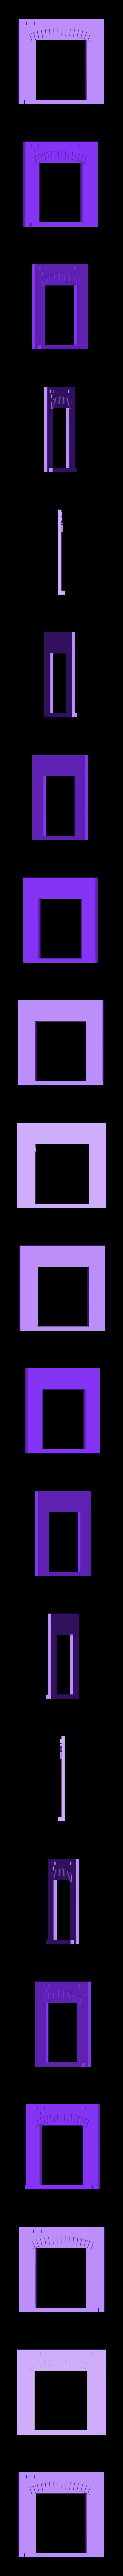 sqr_door_frame1.stl Télécharger fichier STL gratuit Ripper's London - The (Modular) Factory • Modèle pour imprimante 3D, Earsling